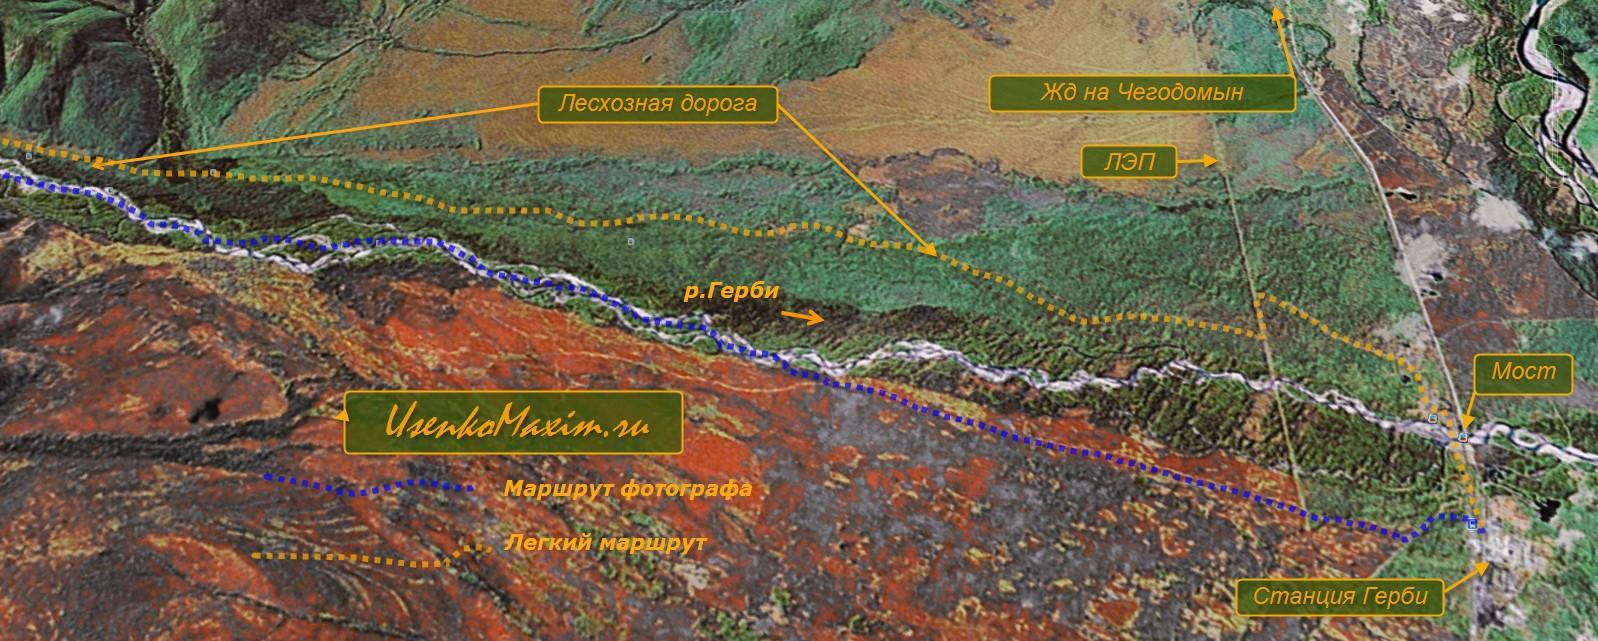 Карта-схема. Река Герби летом